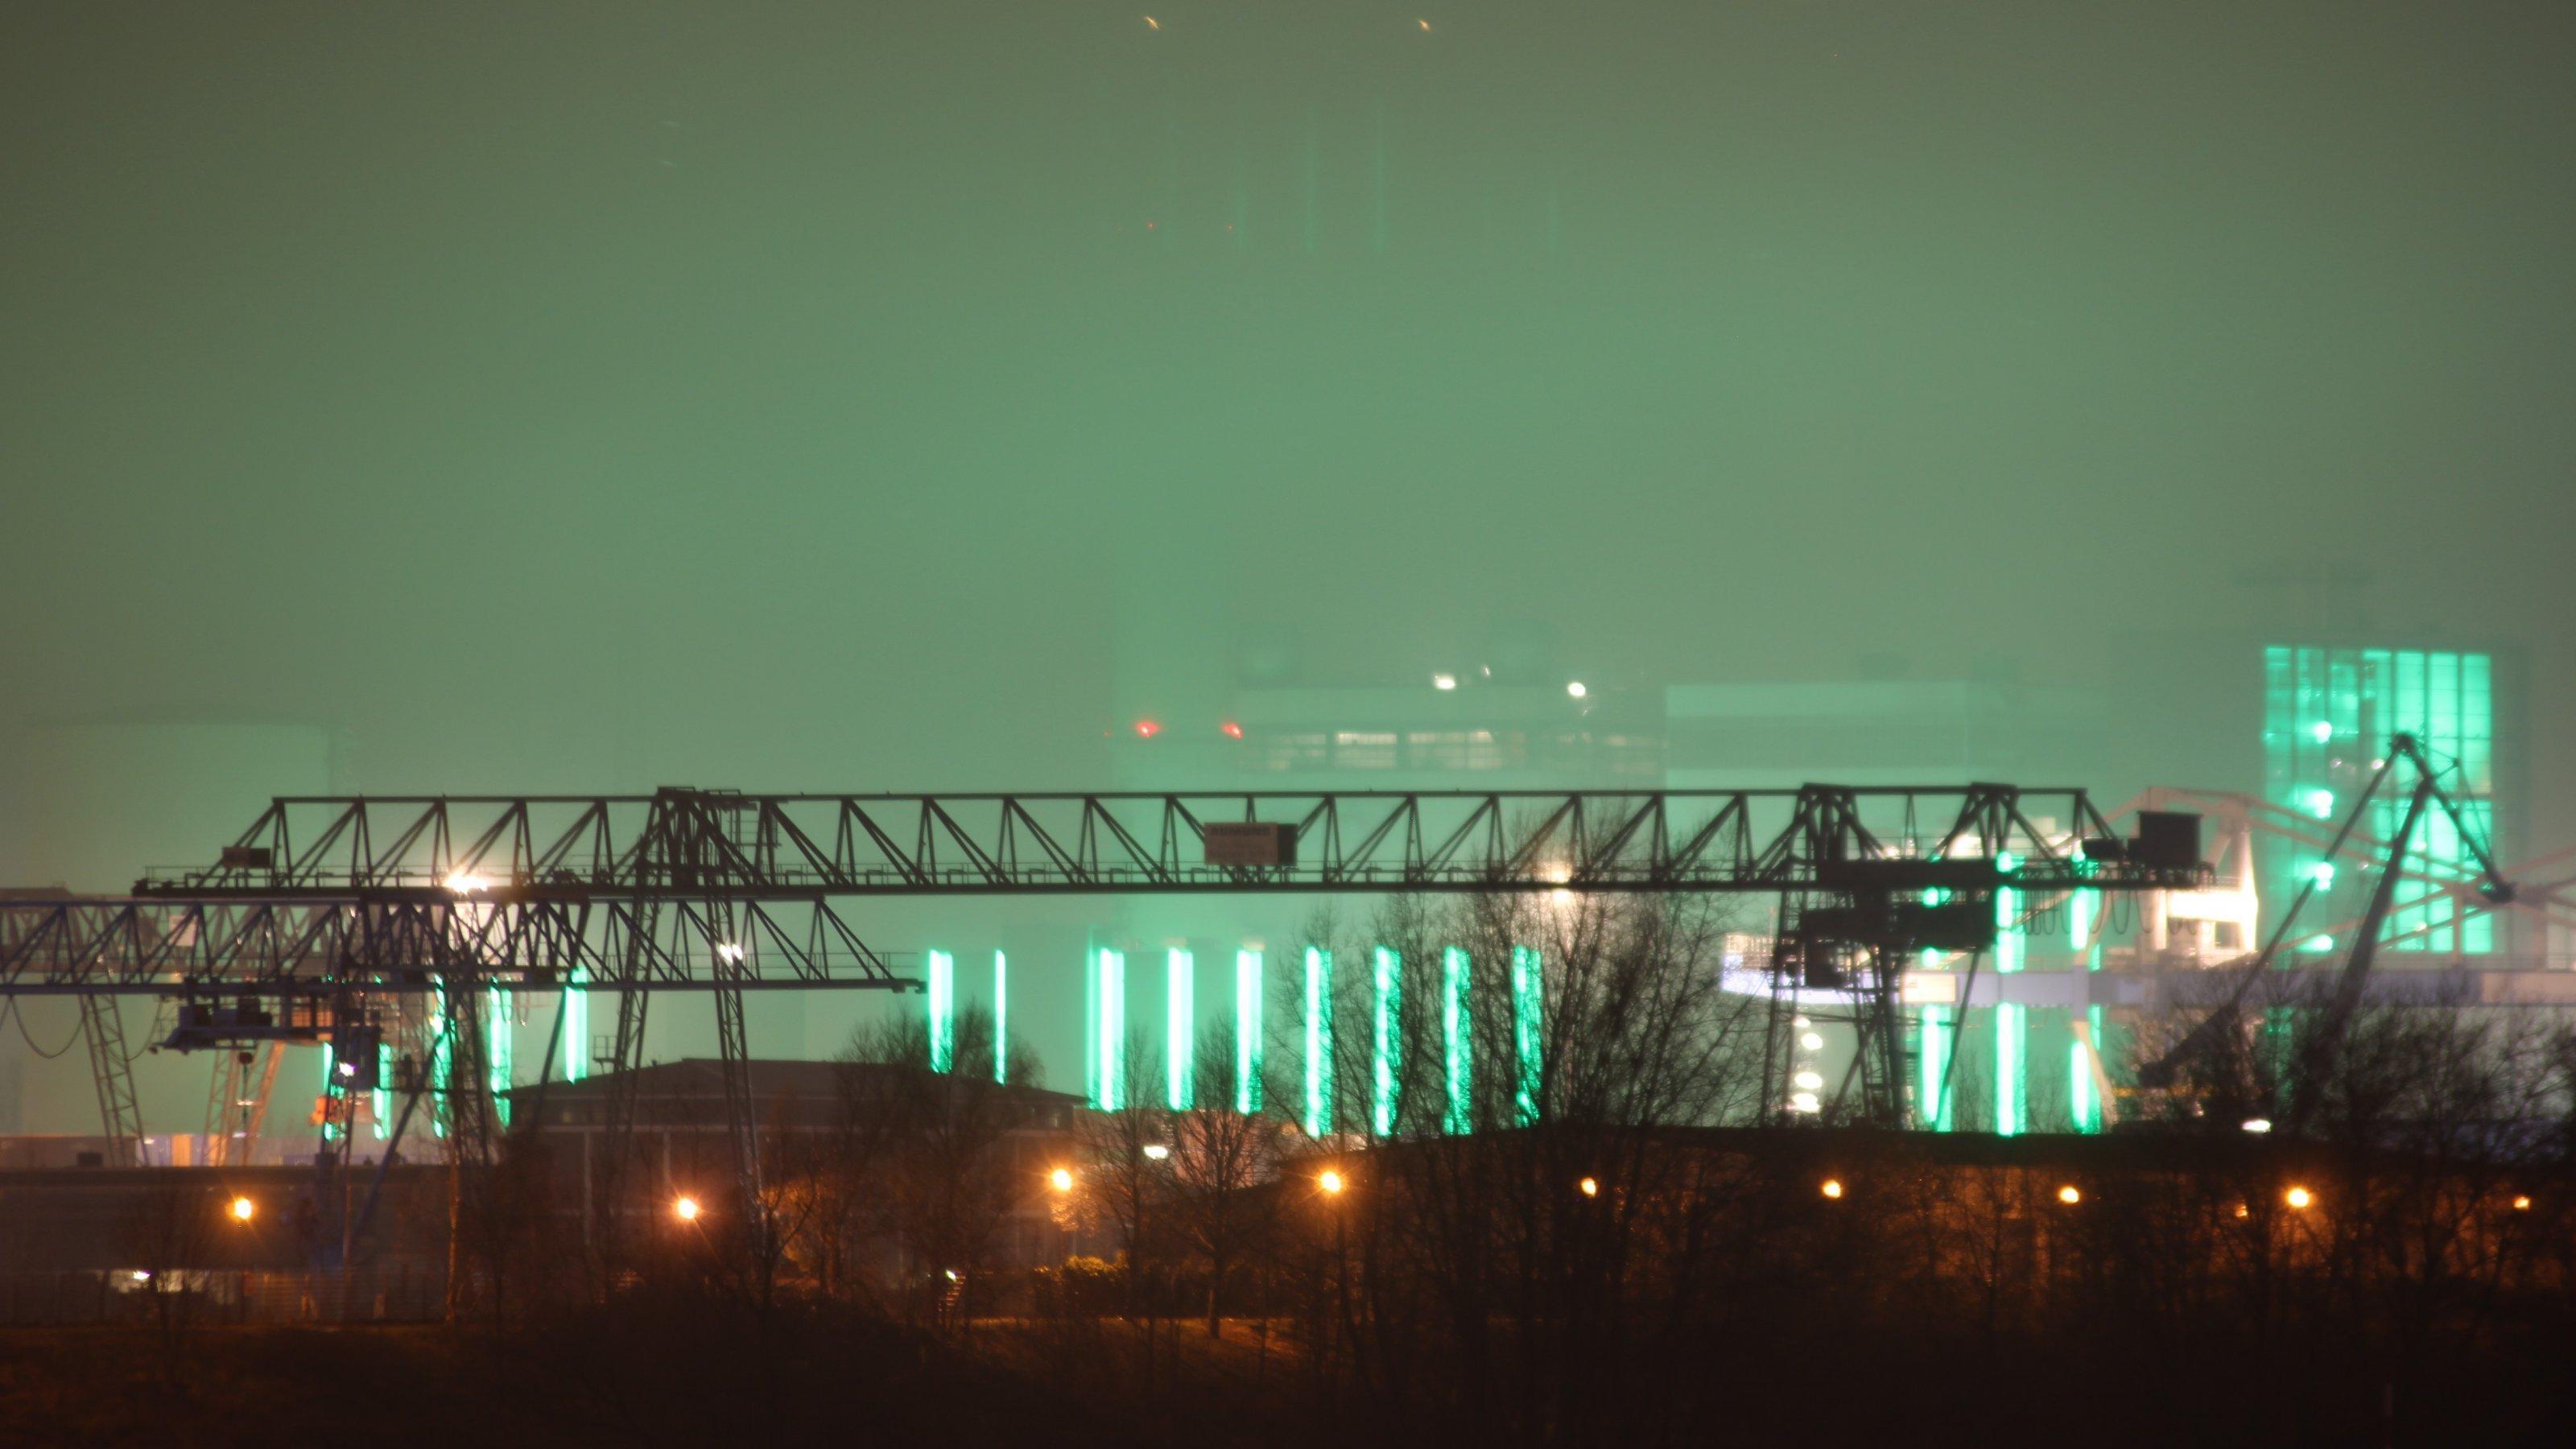 Die grüne Beleuchtung eines Kraftwerks leuchtet eine abendliche Szene am Düsseldorfer Hafen aus.